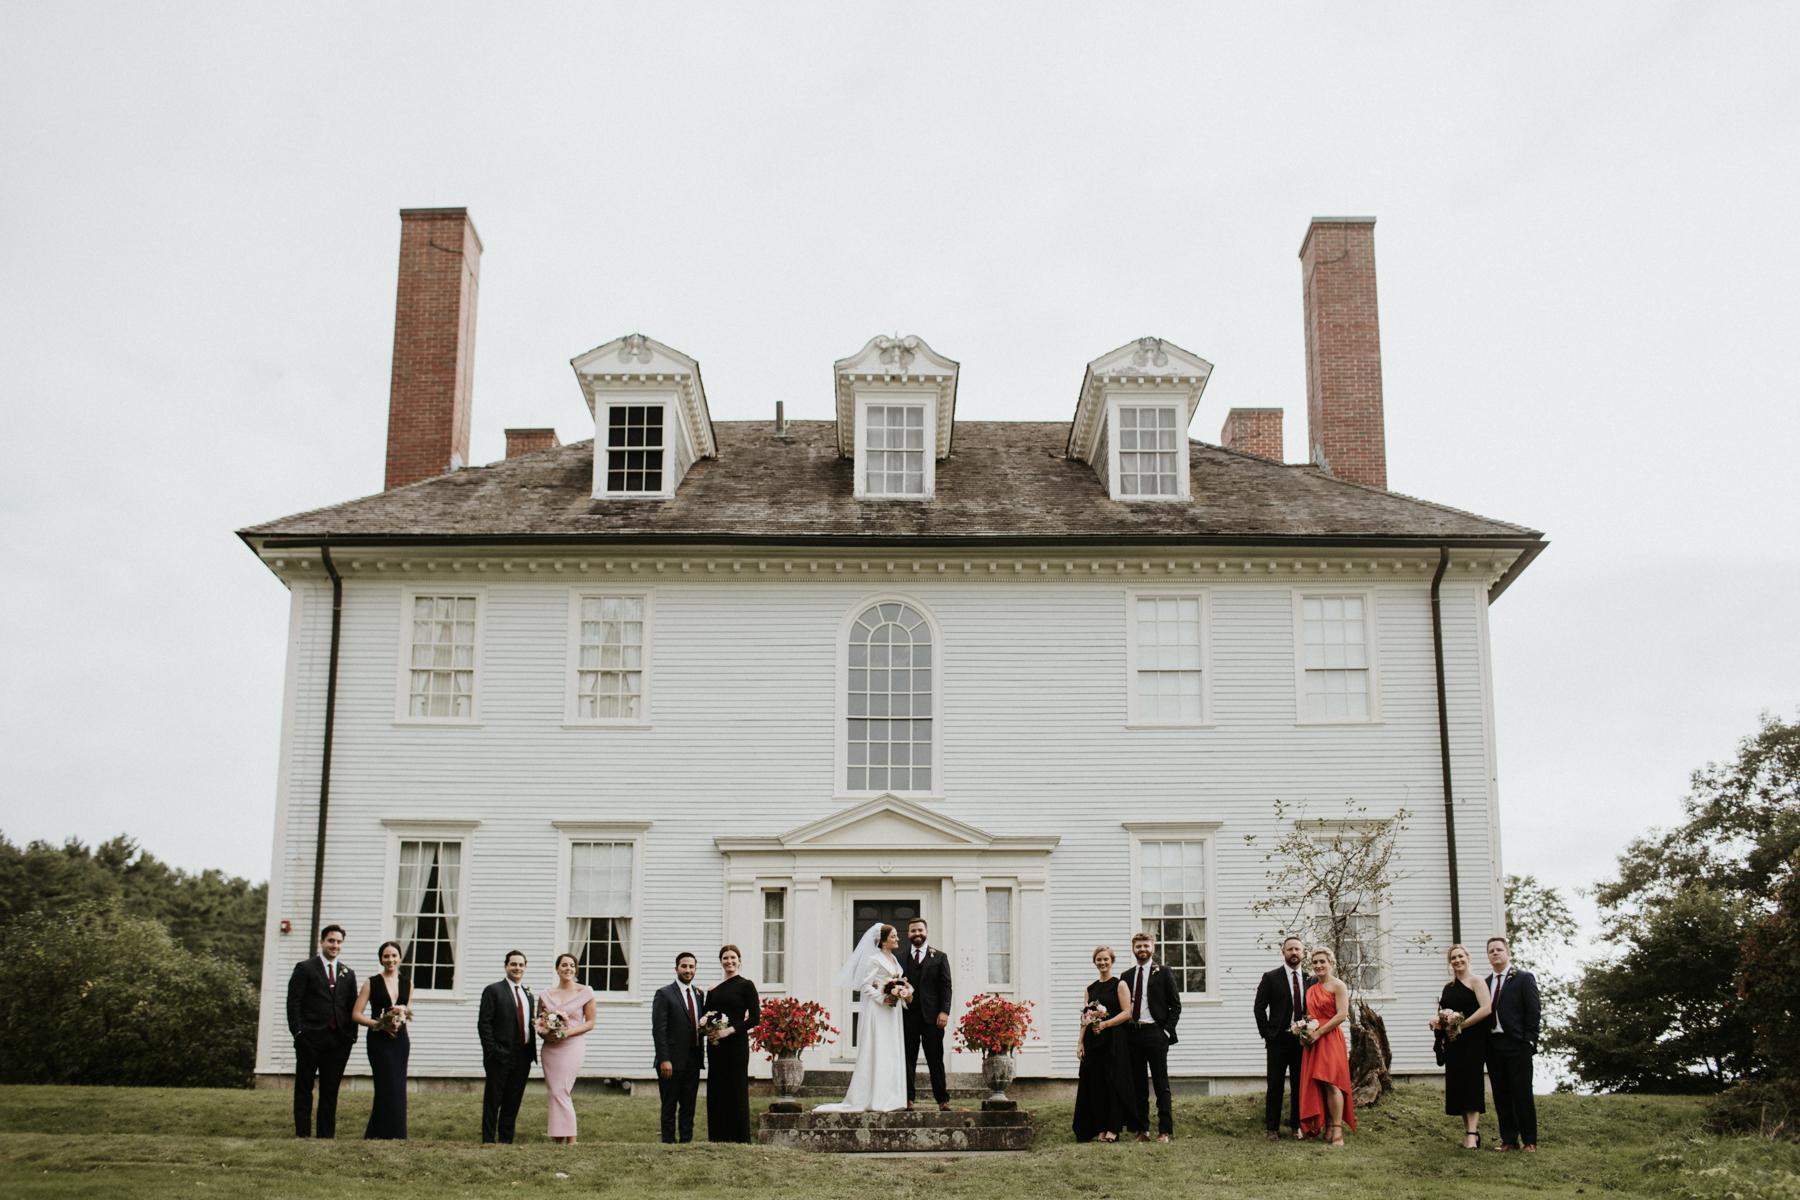 Hamilton_House_wedding_maine_Leah_Fisher_Photography-14.jpg